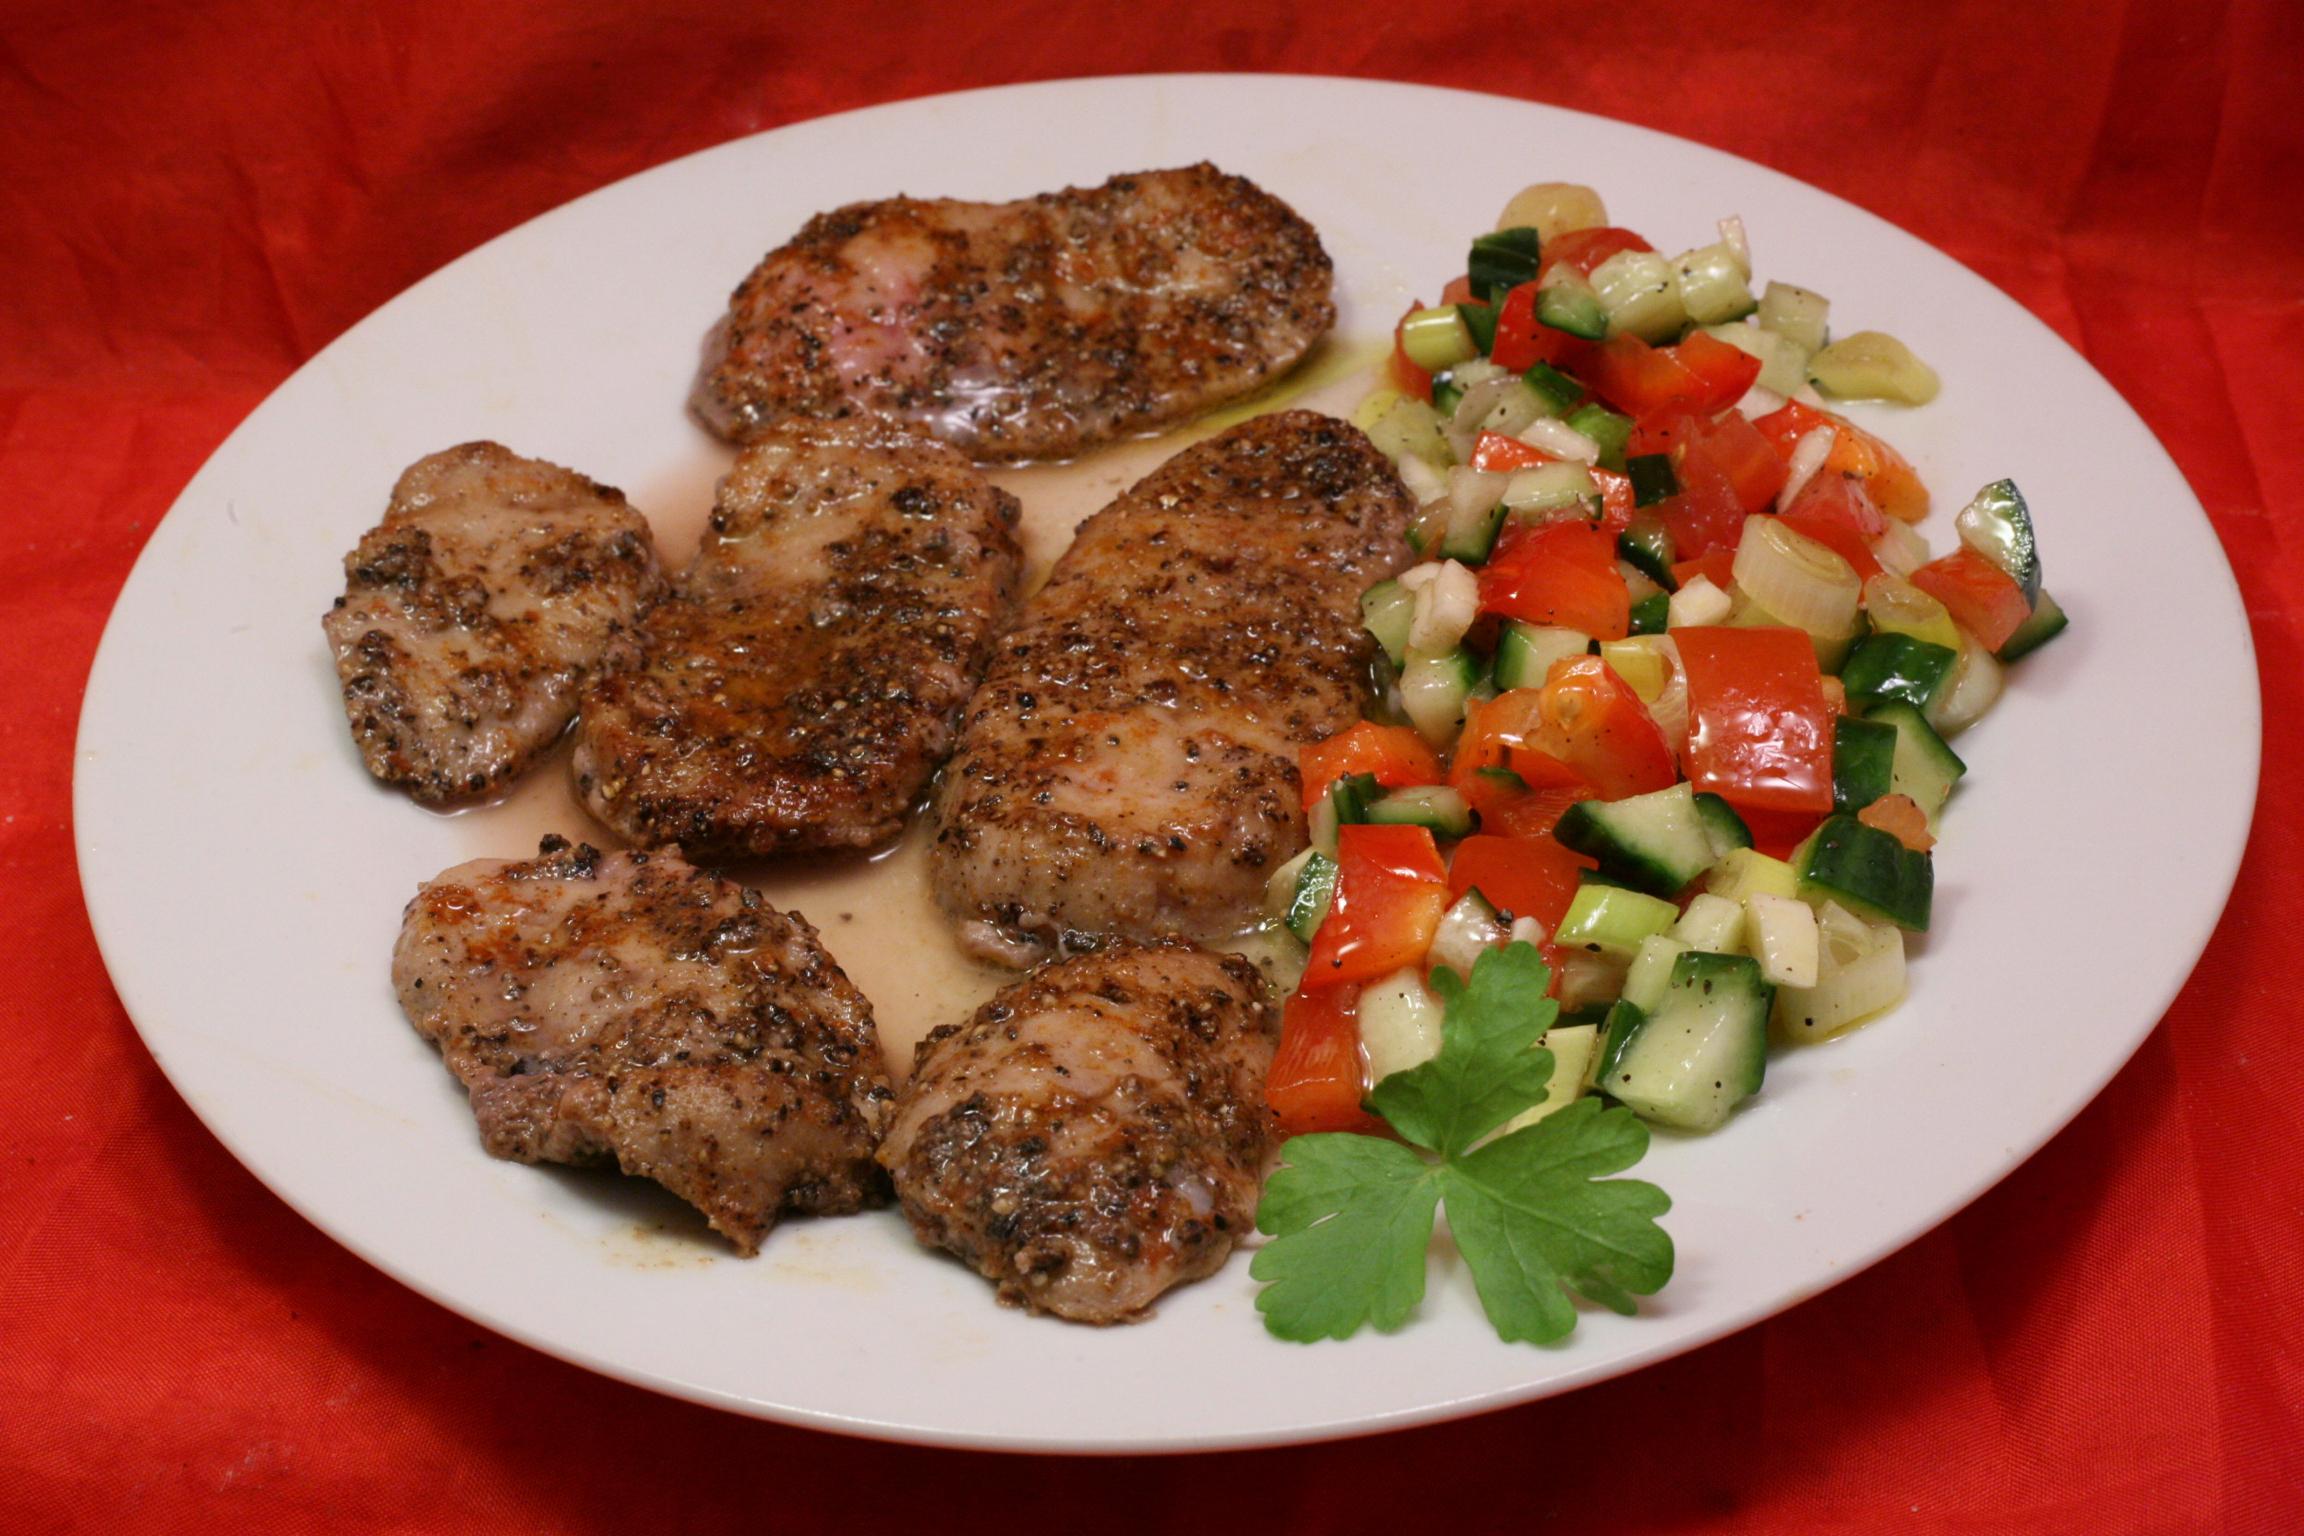 Gegrillter Stierhoden mit frischem Salat